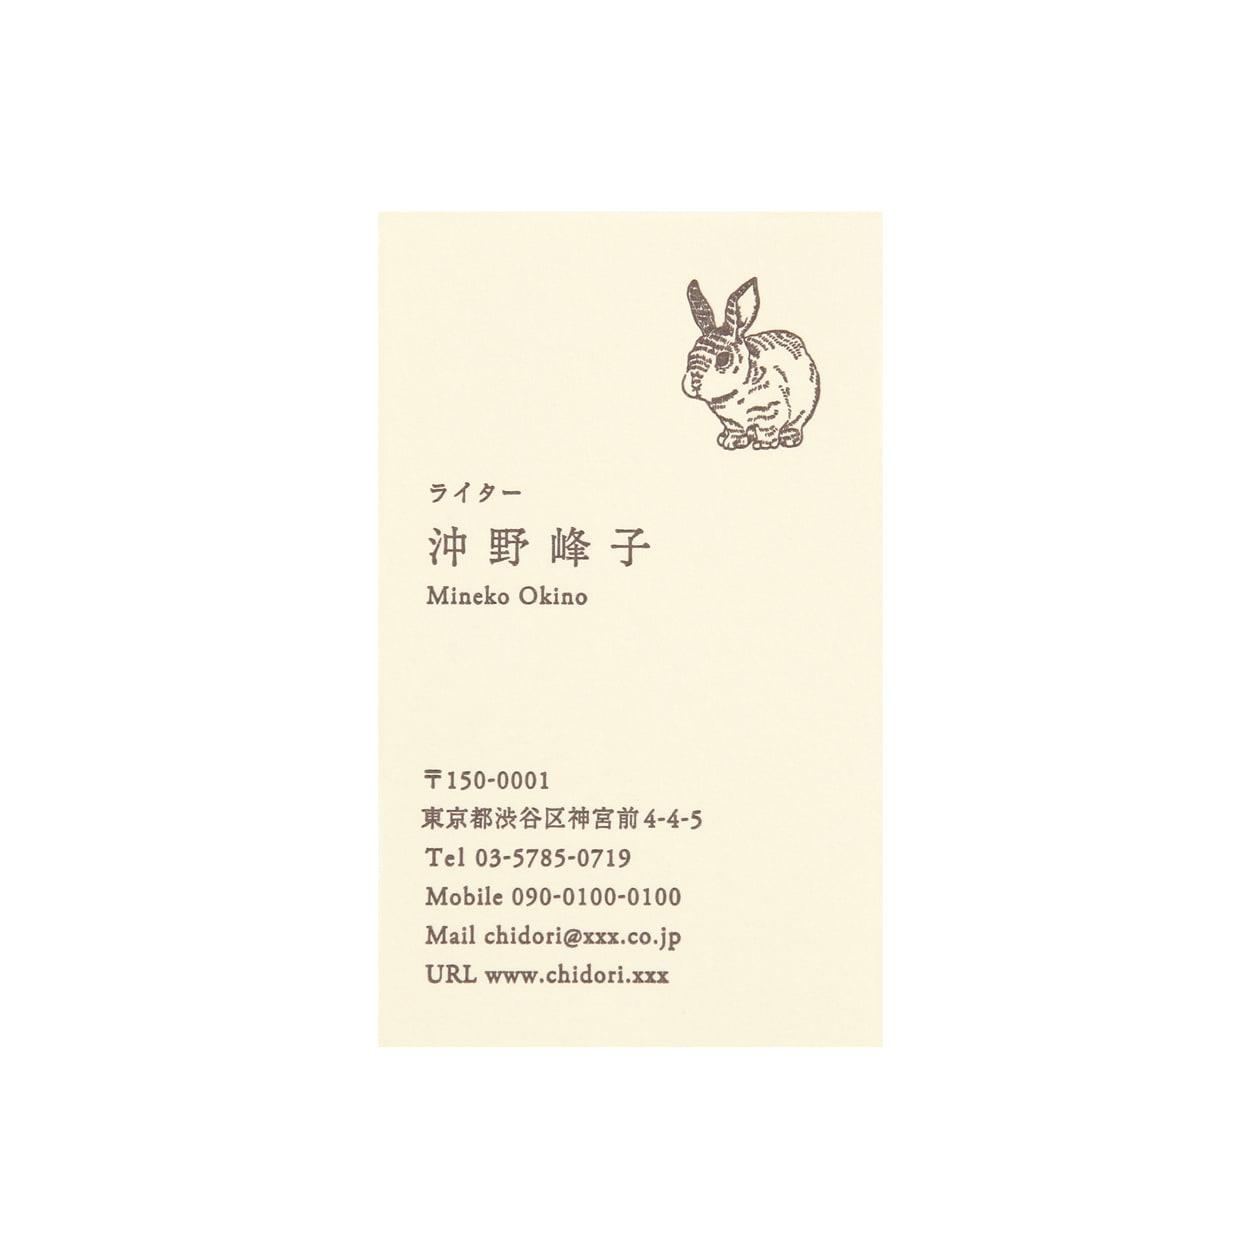 サンプル カード・シート 00484